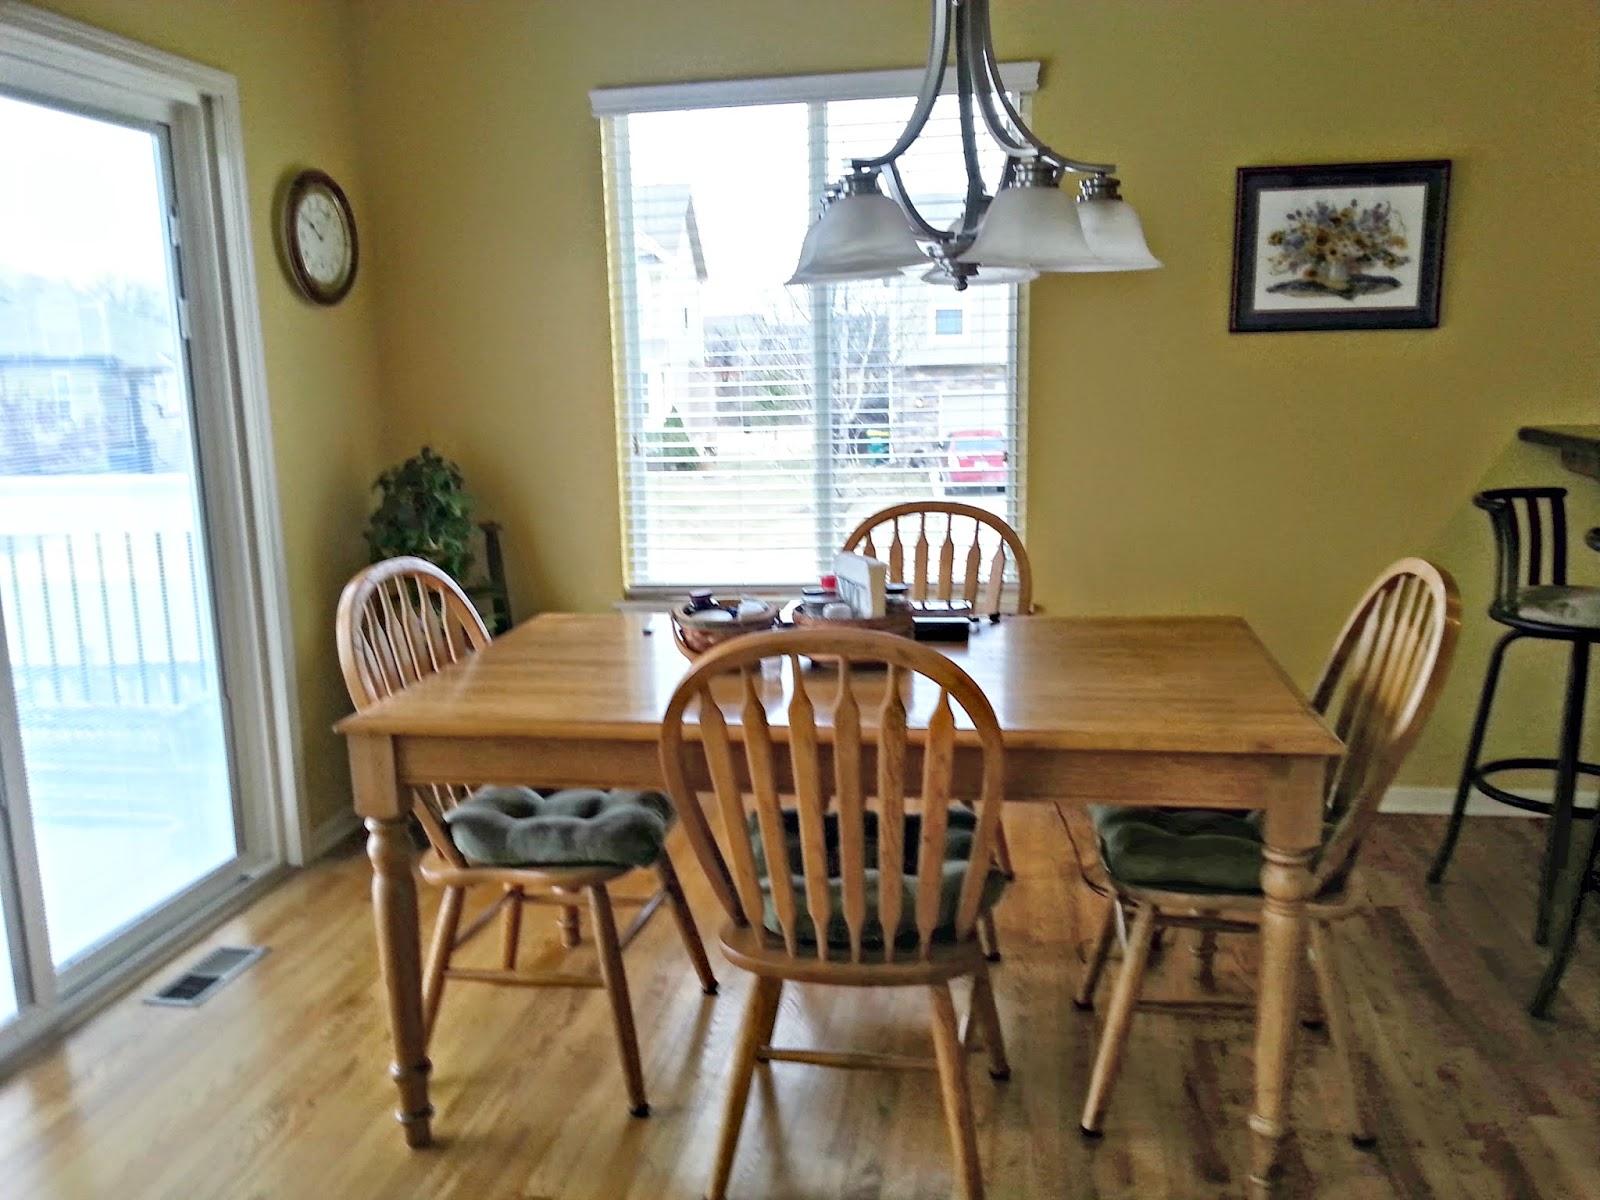 breakfast room in gardner ks home, Gardner real estate